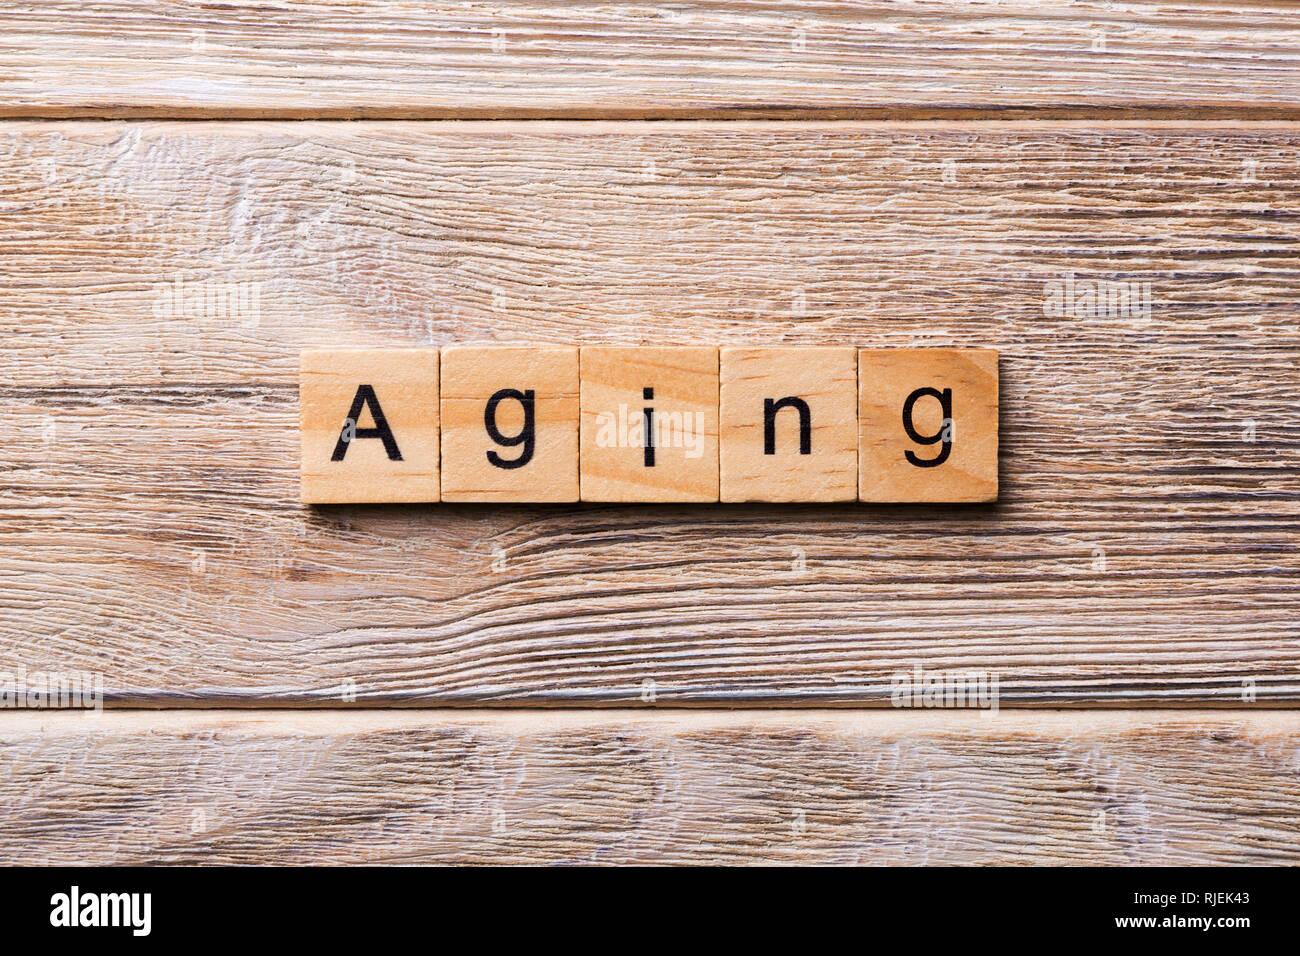 Invecchiamento della parola scritta sul blocco di legno. Testo di invecchiamento sul tavolo in legno per il desing, concetto. Immagini Stock